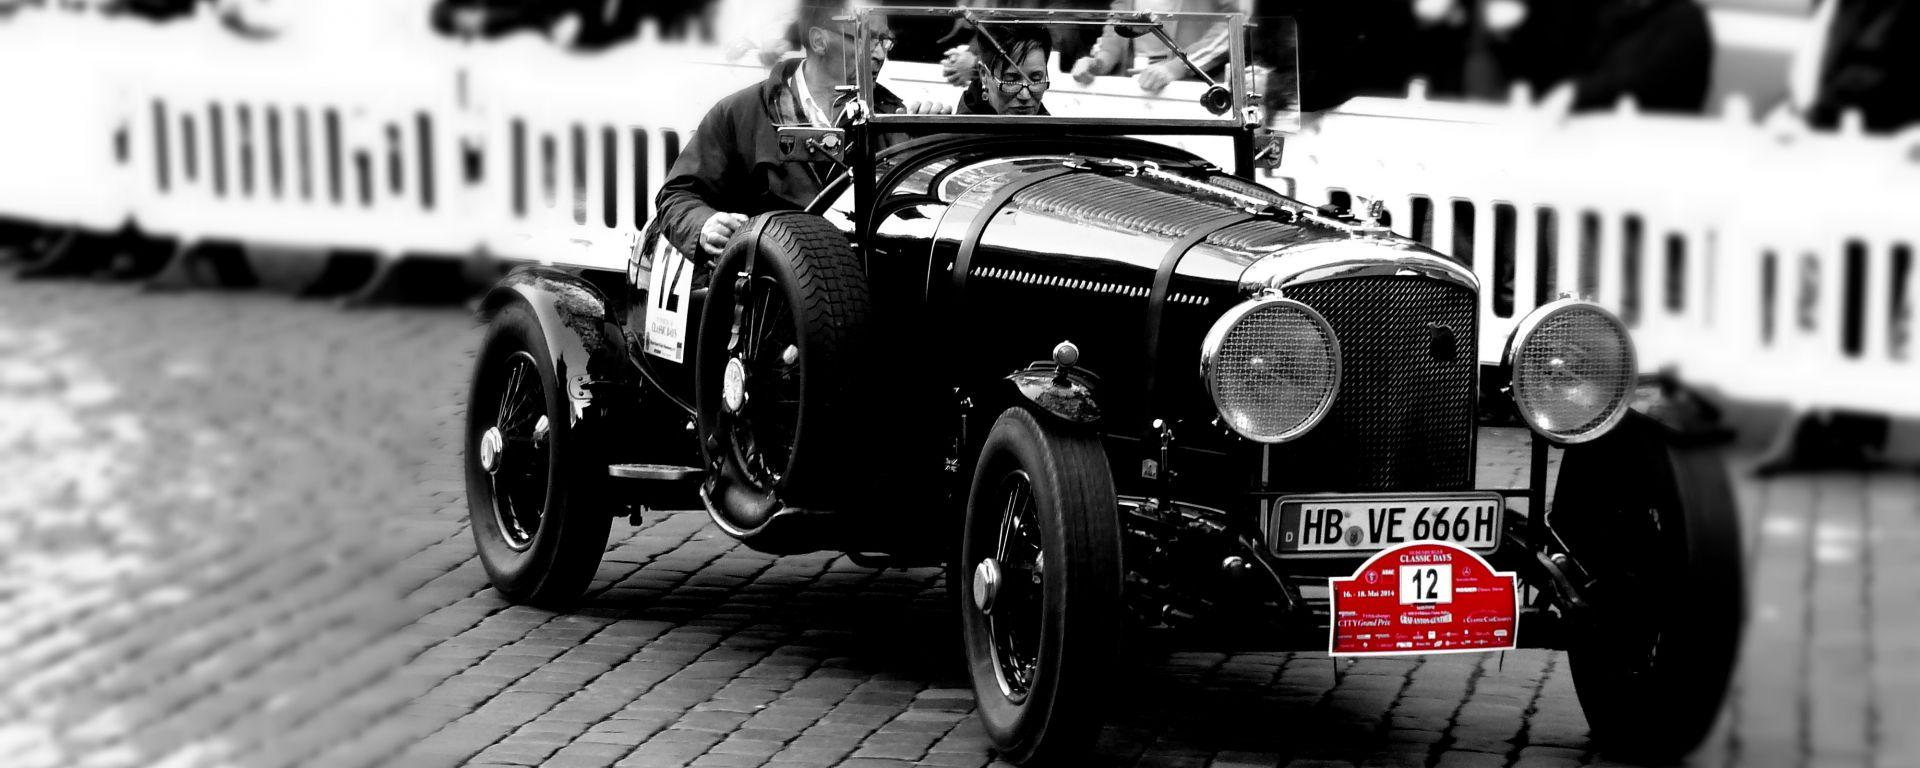 Auto storiche: ferme nei musei perdono molto della loro funzione didattica